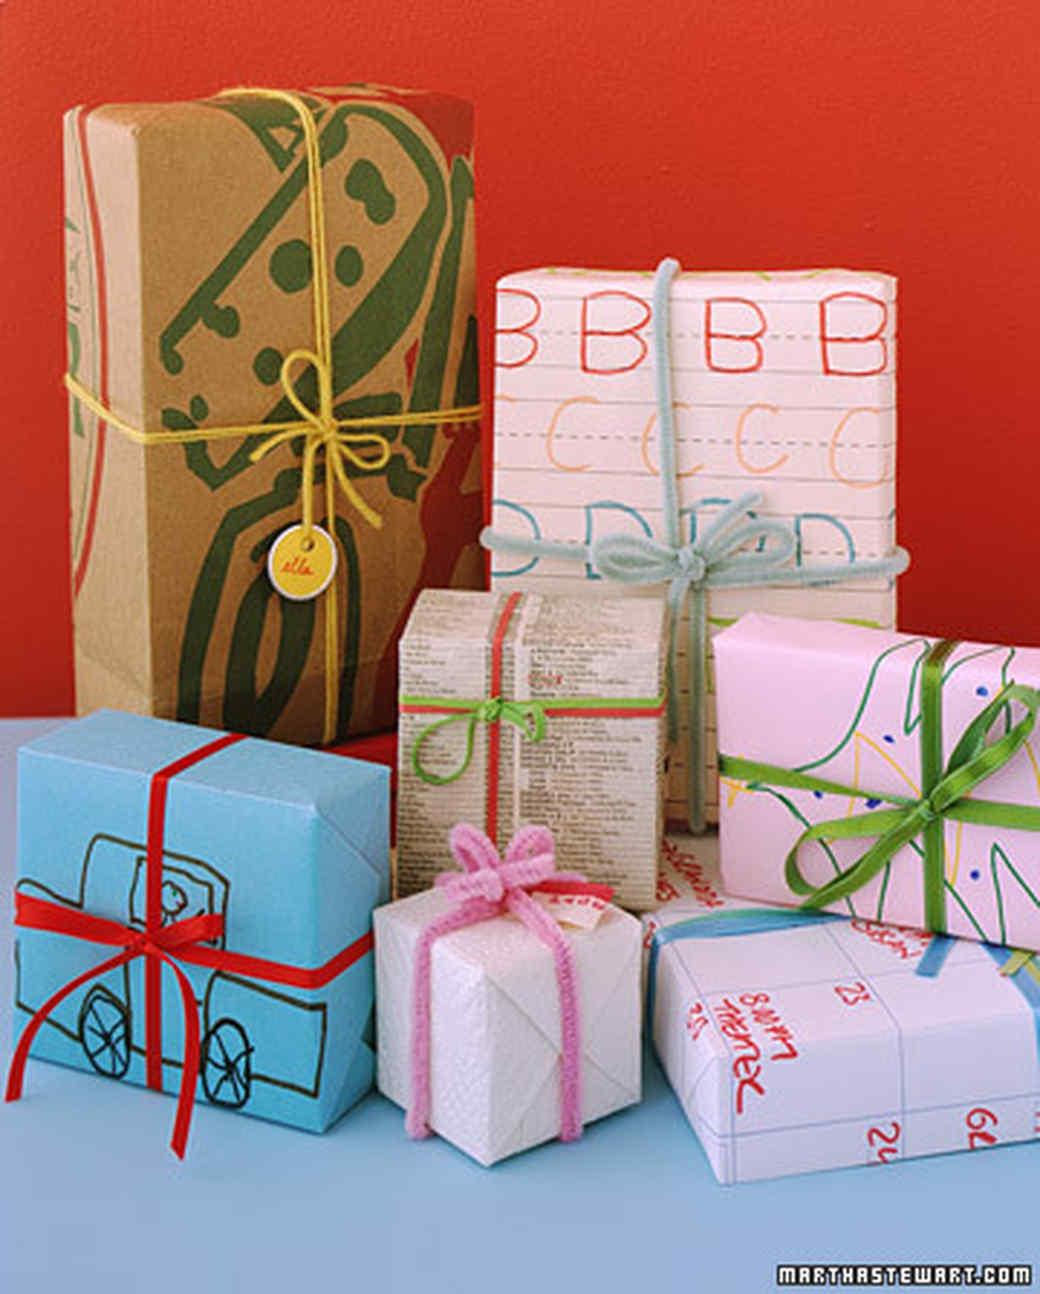 Как обернуть подарок в упаковку